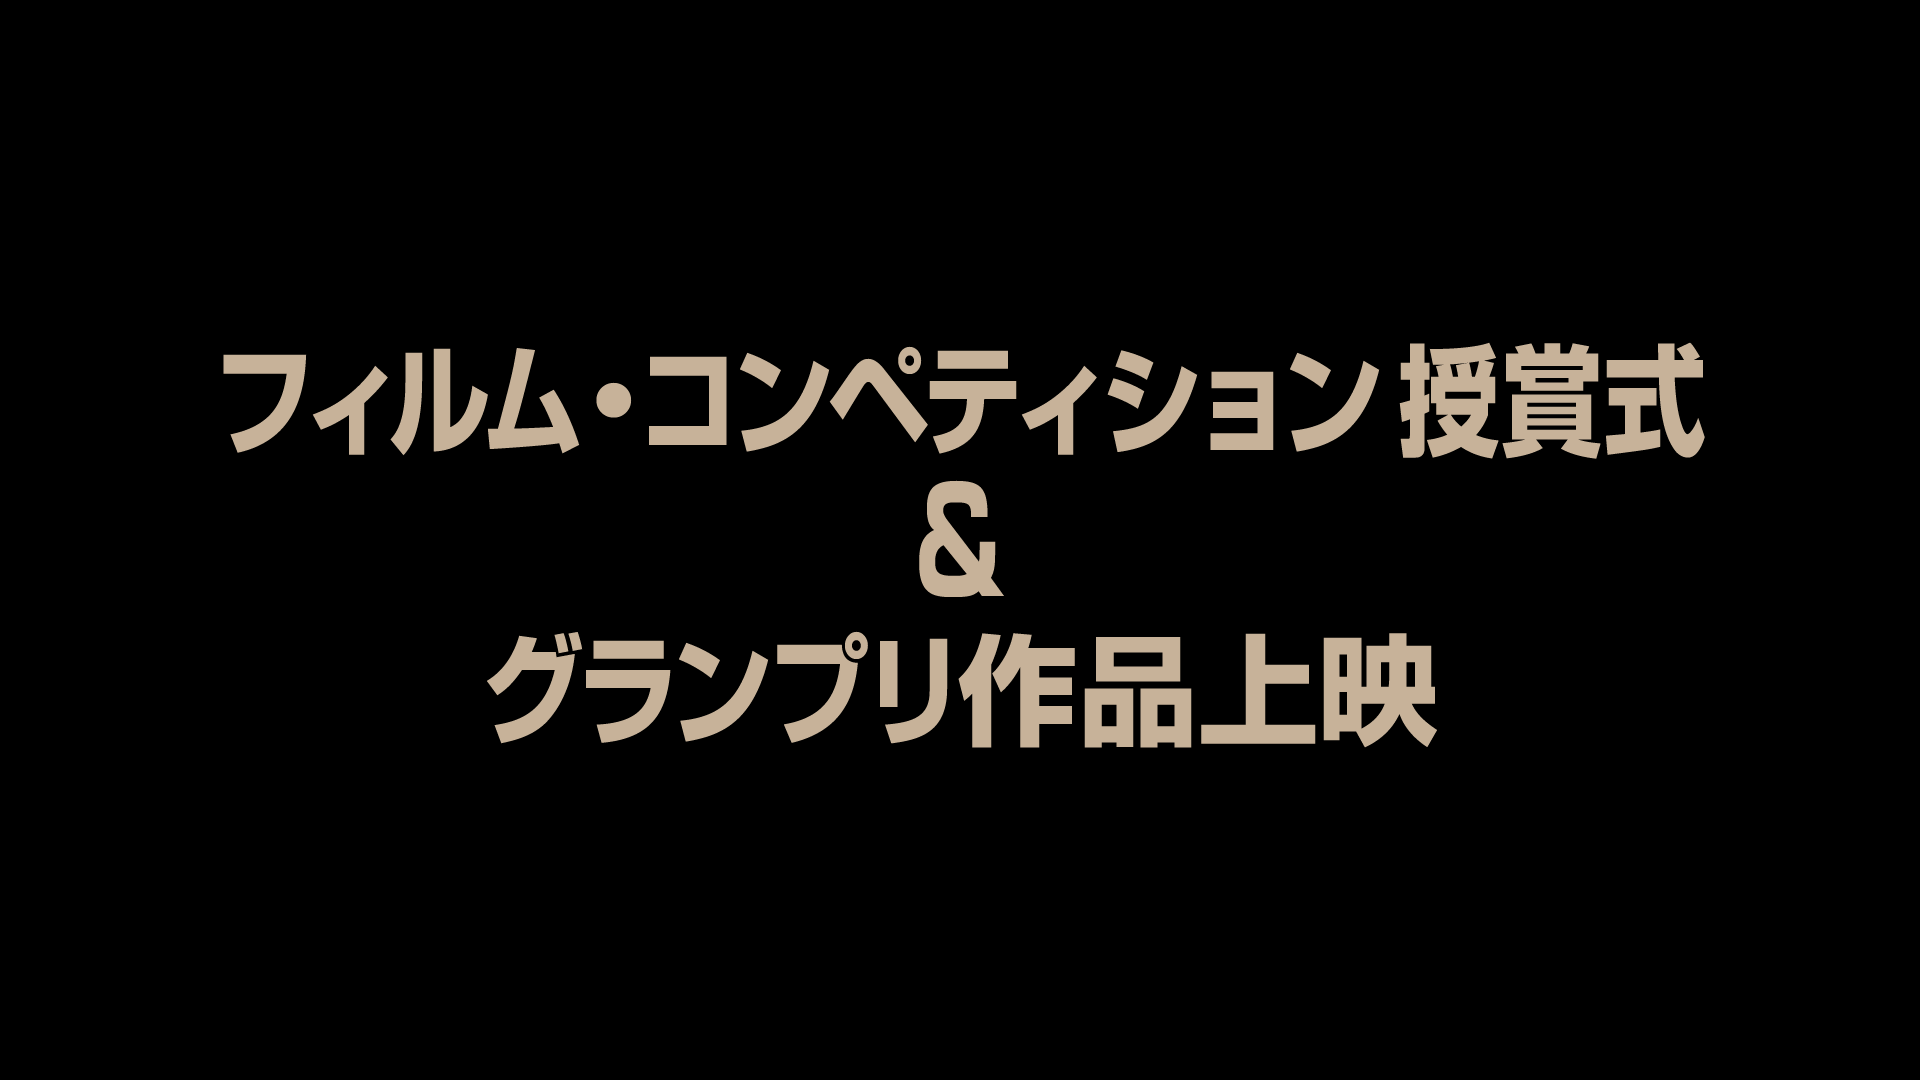 フィルム・コンペティション授賞式&グランプリ作品上映